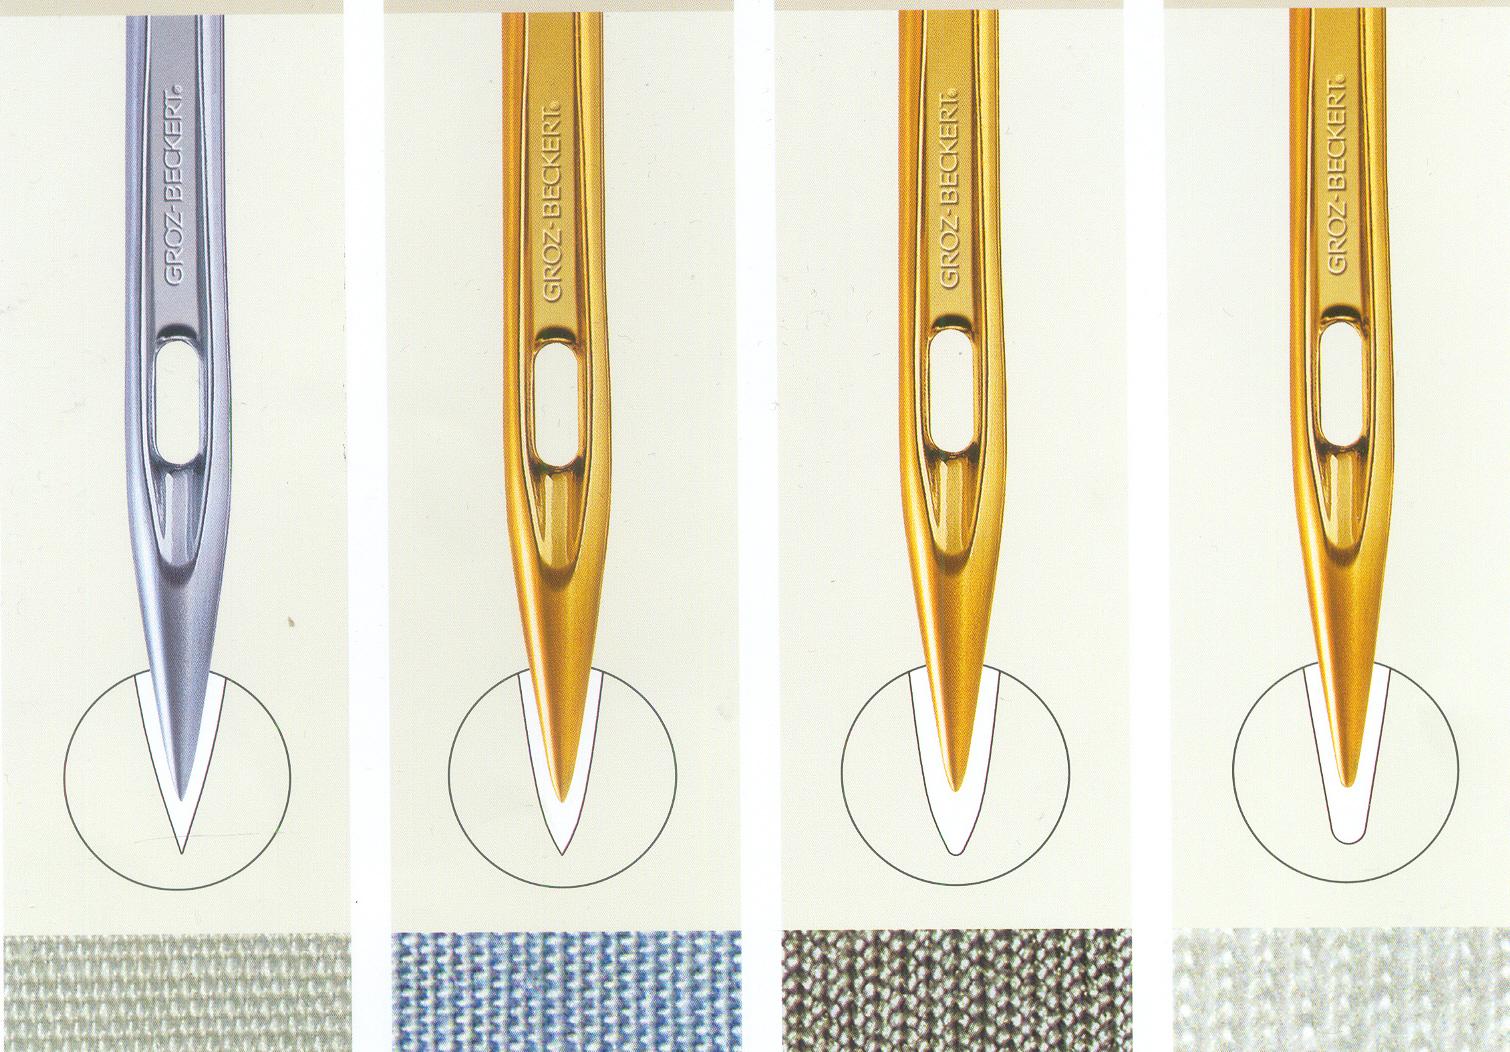 PROGRAMAS Y BORDADOS: Aprendiendo a bordar